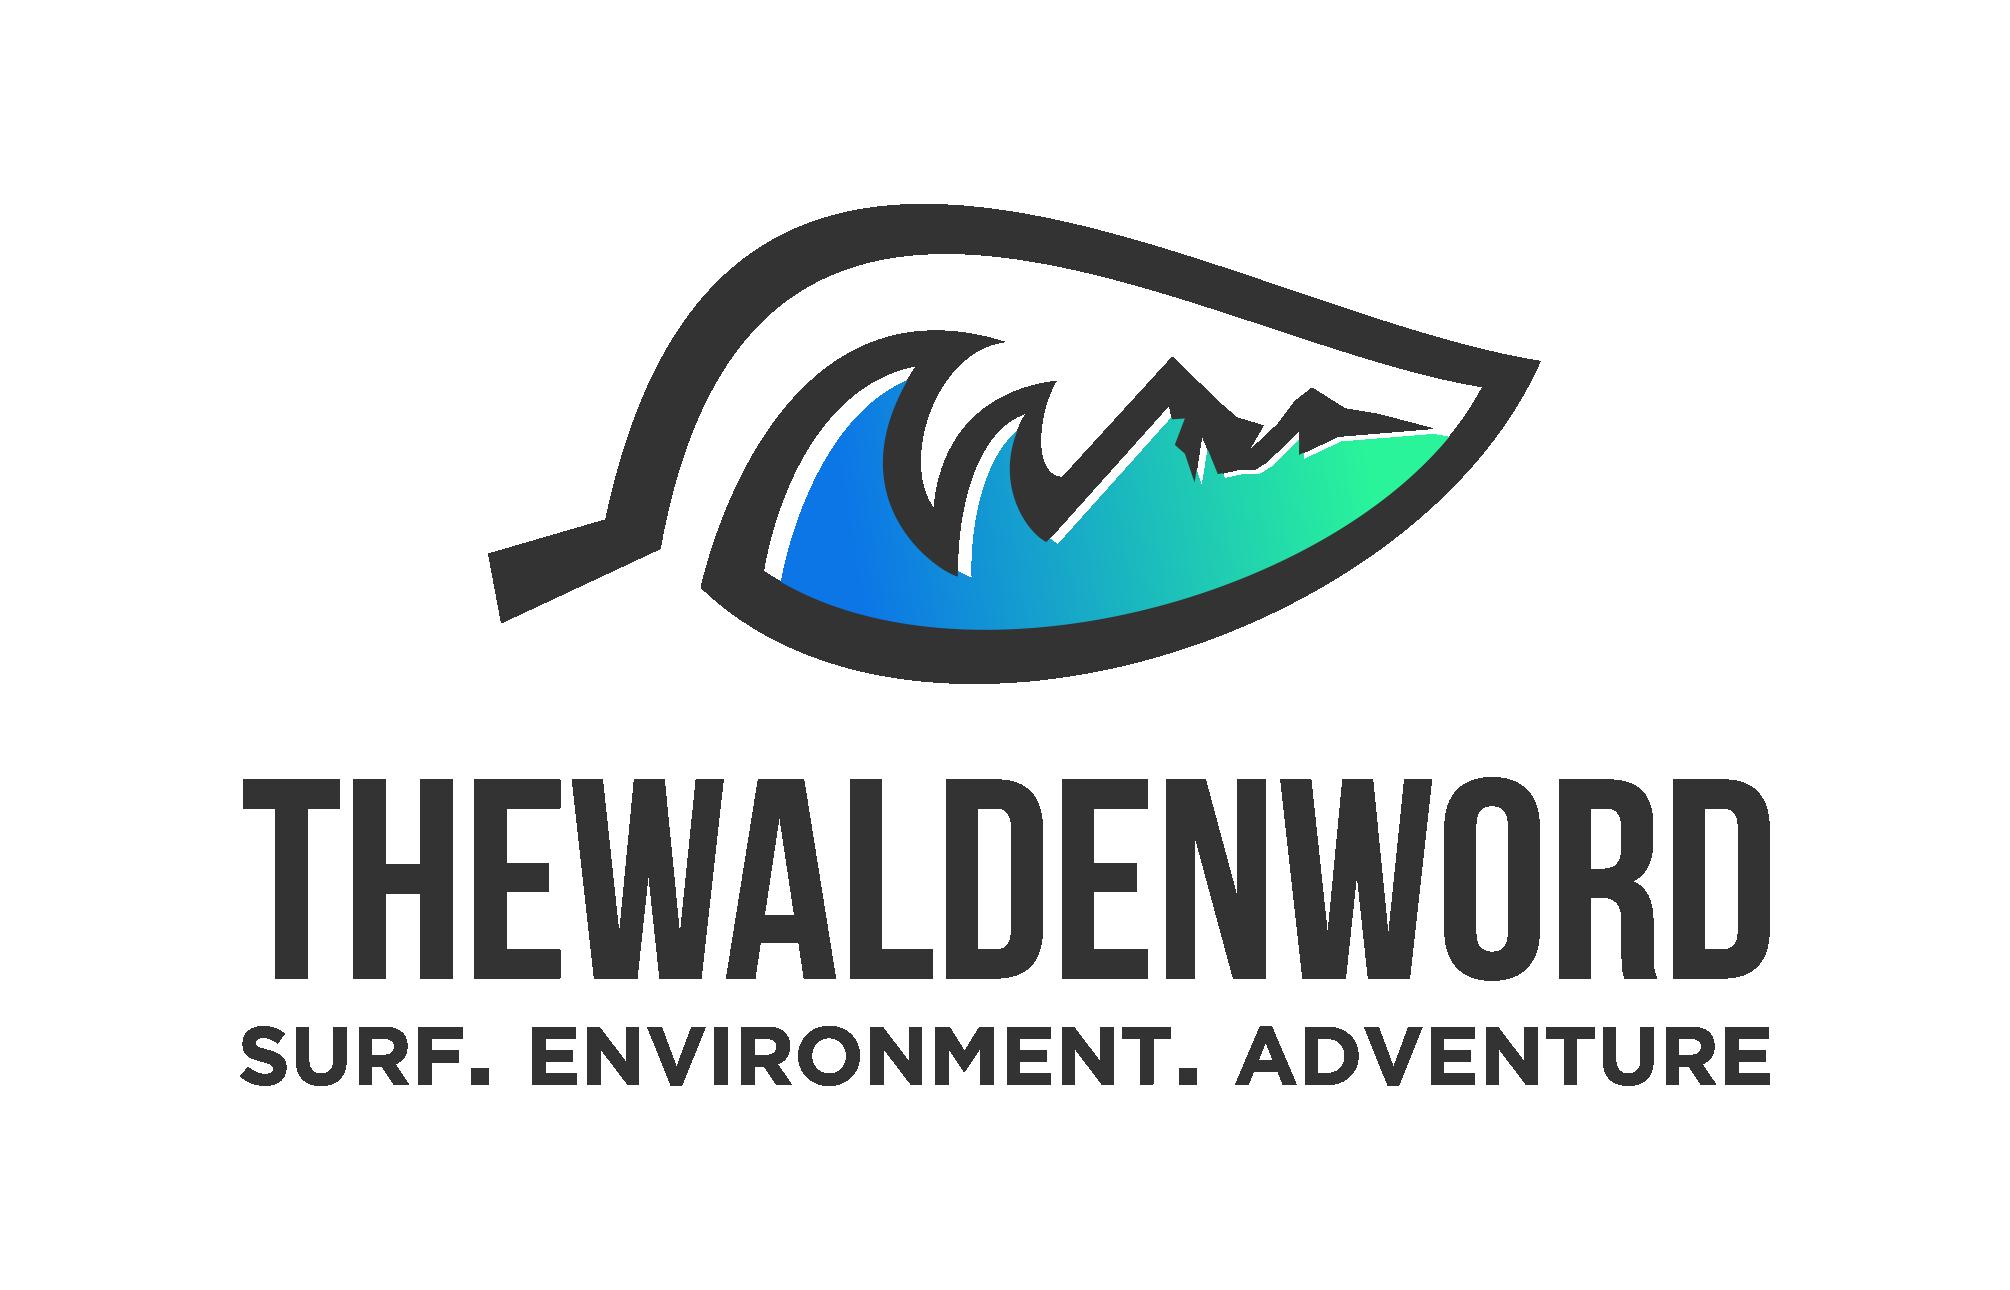 THEWALDENWORD